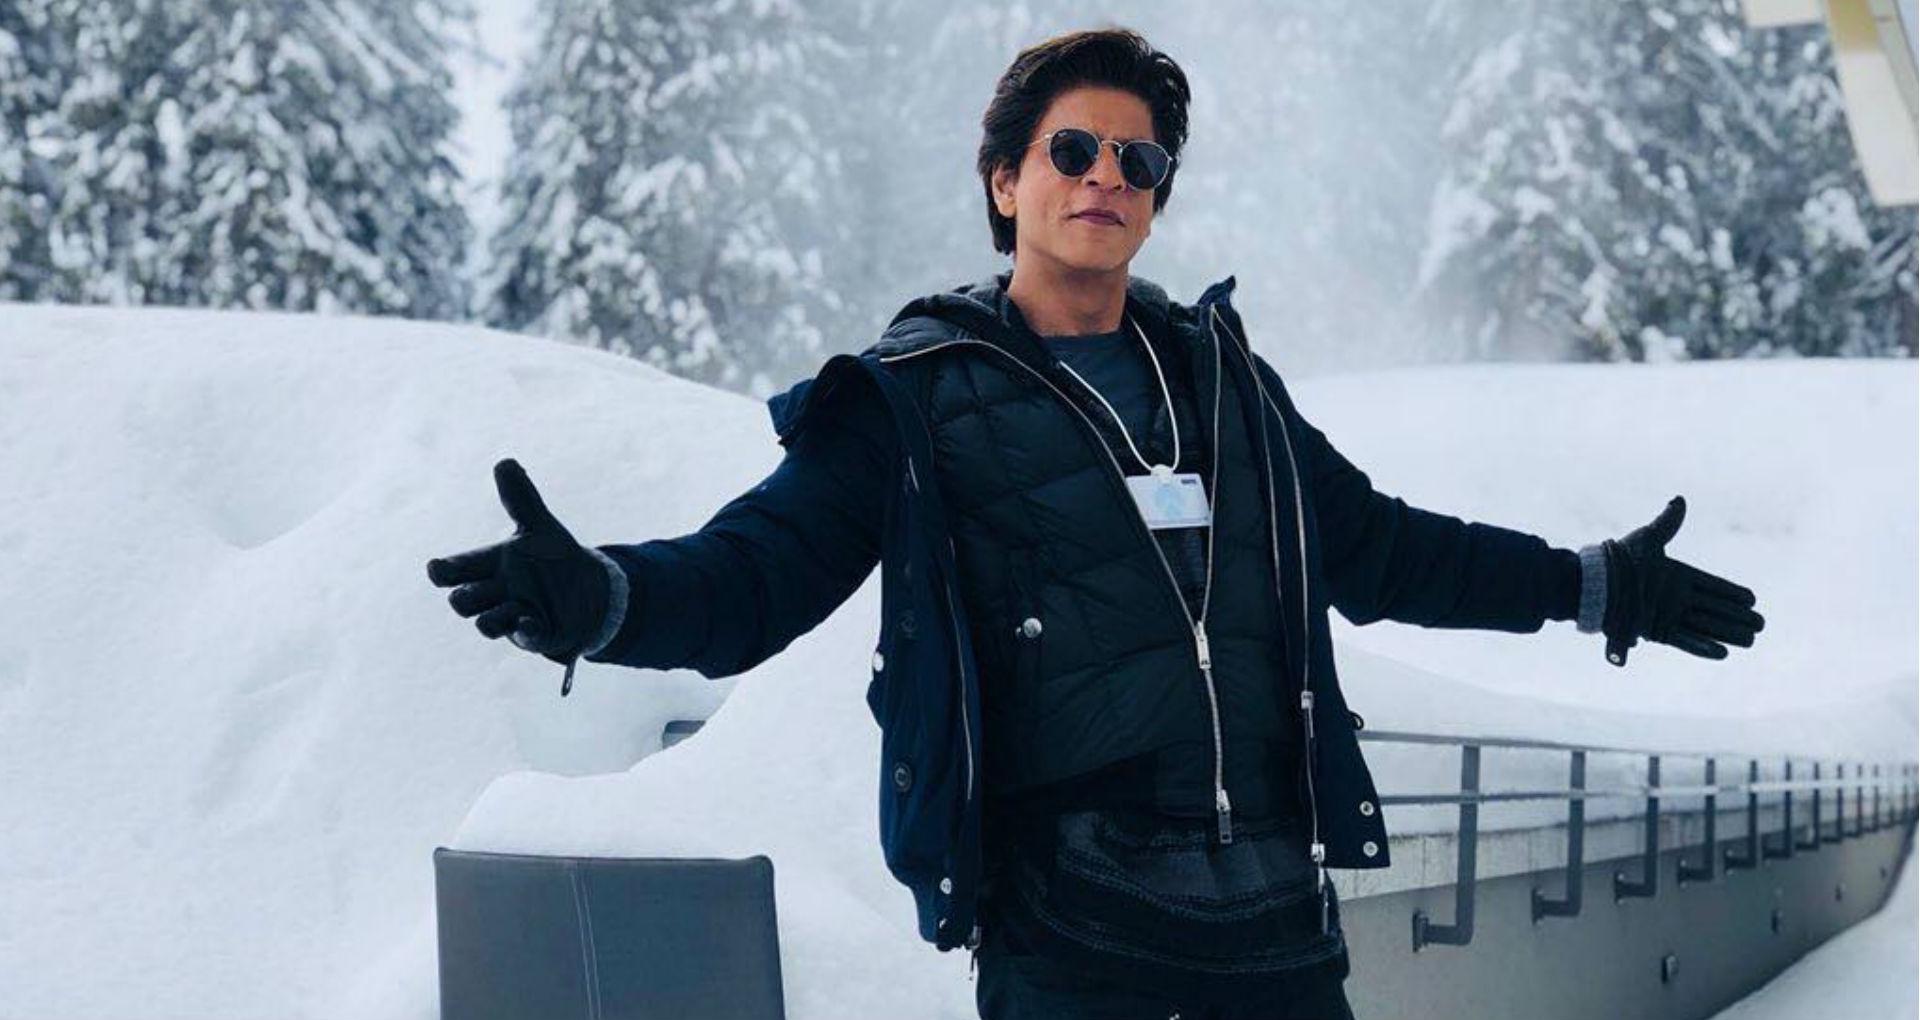 फिल्म जीरो के बाद शाहरुख खान ने क्यों साइन नहीं की कोई फिल्म, किंग खान ने खुद बताई वजह